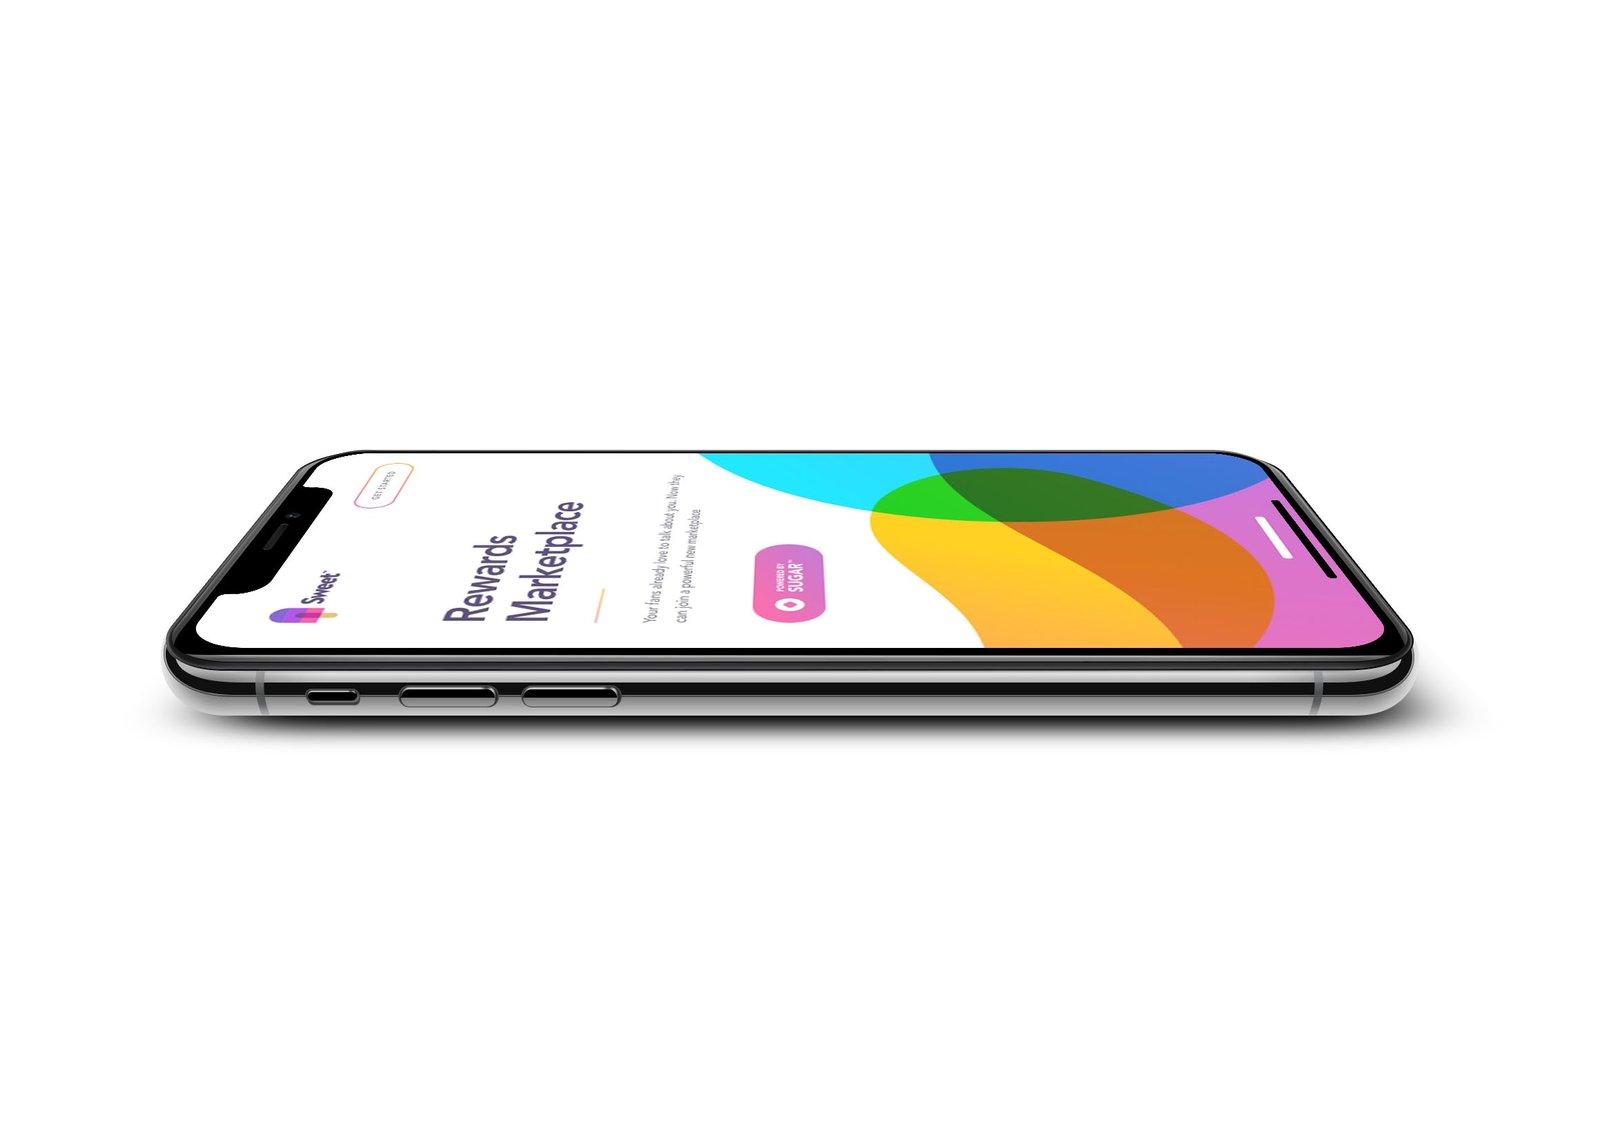 Premium iphone Mockup